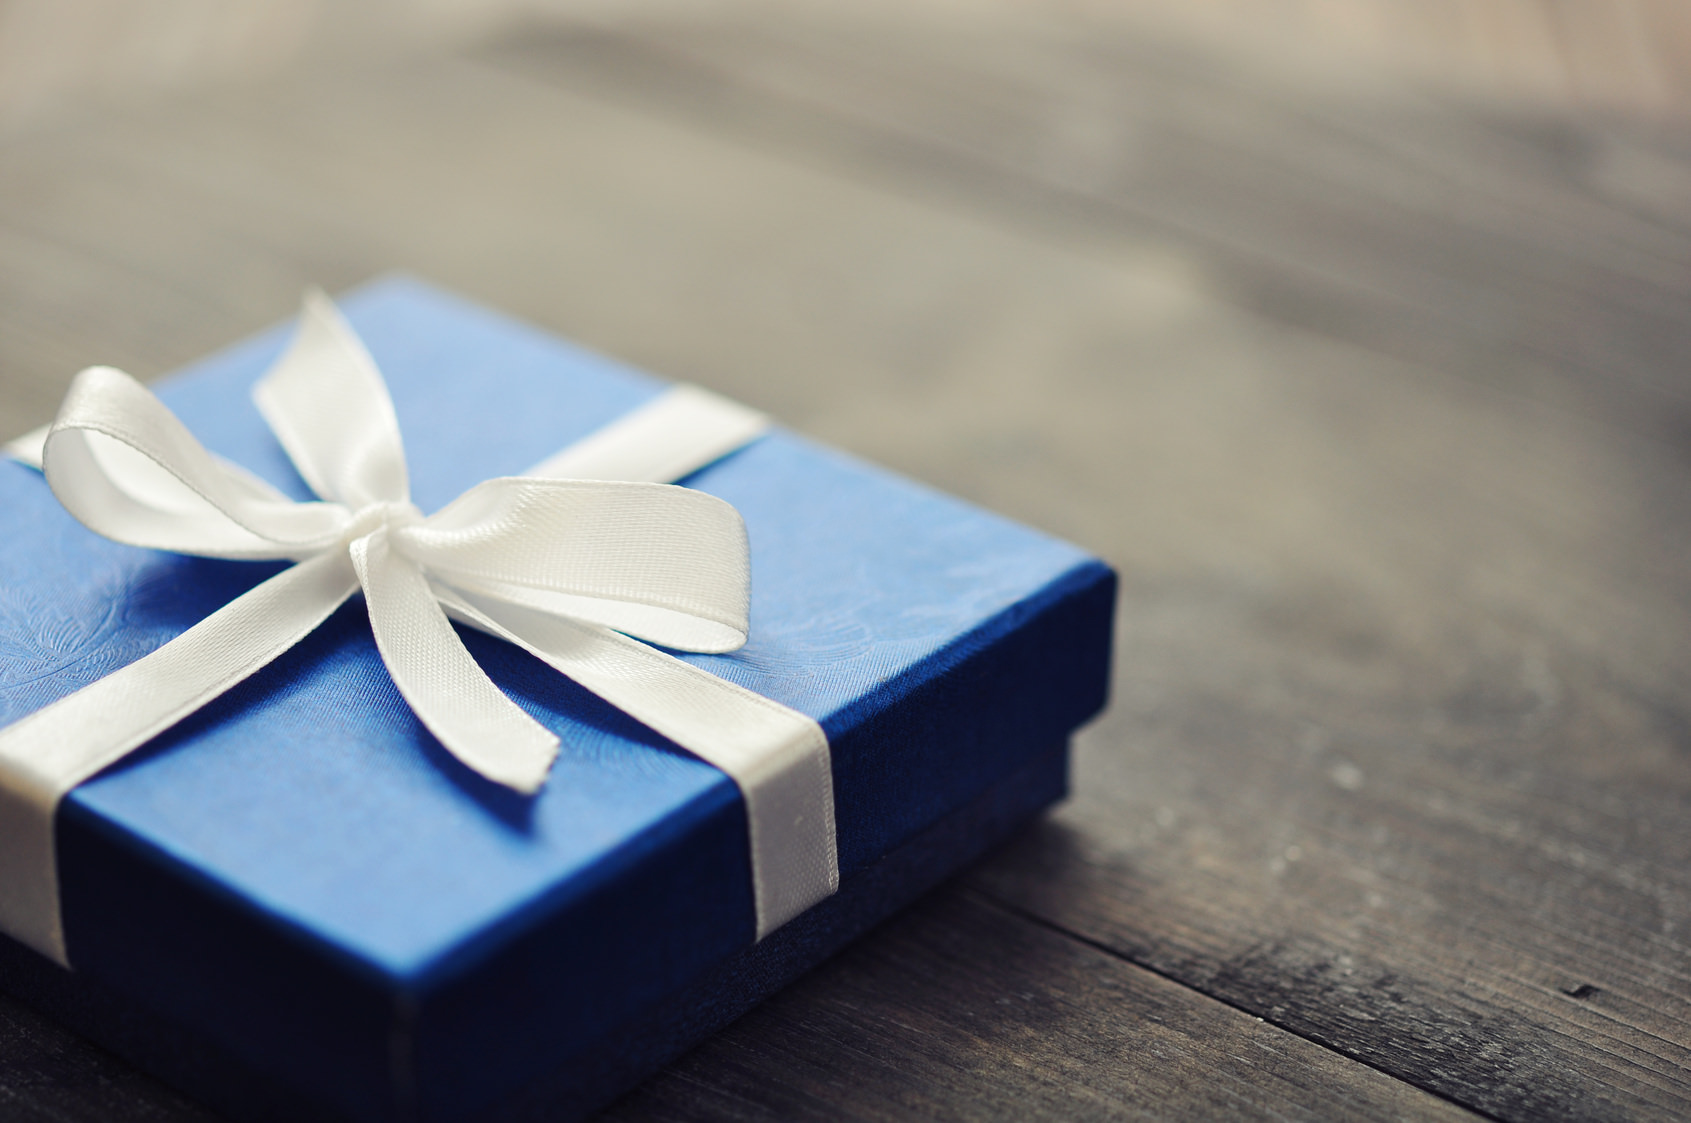 Можно ли забрать подарок обратно? (Фото: tashka2000 - Fotolia.com).